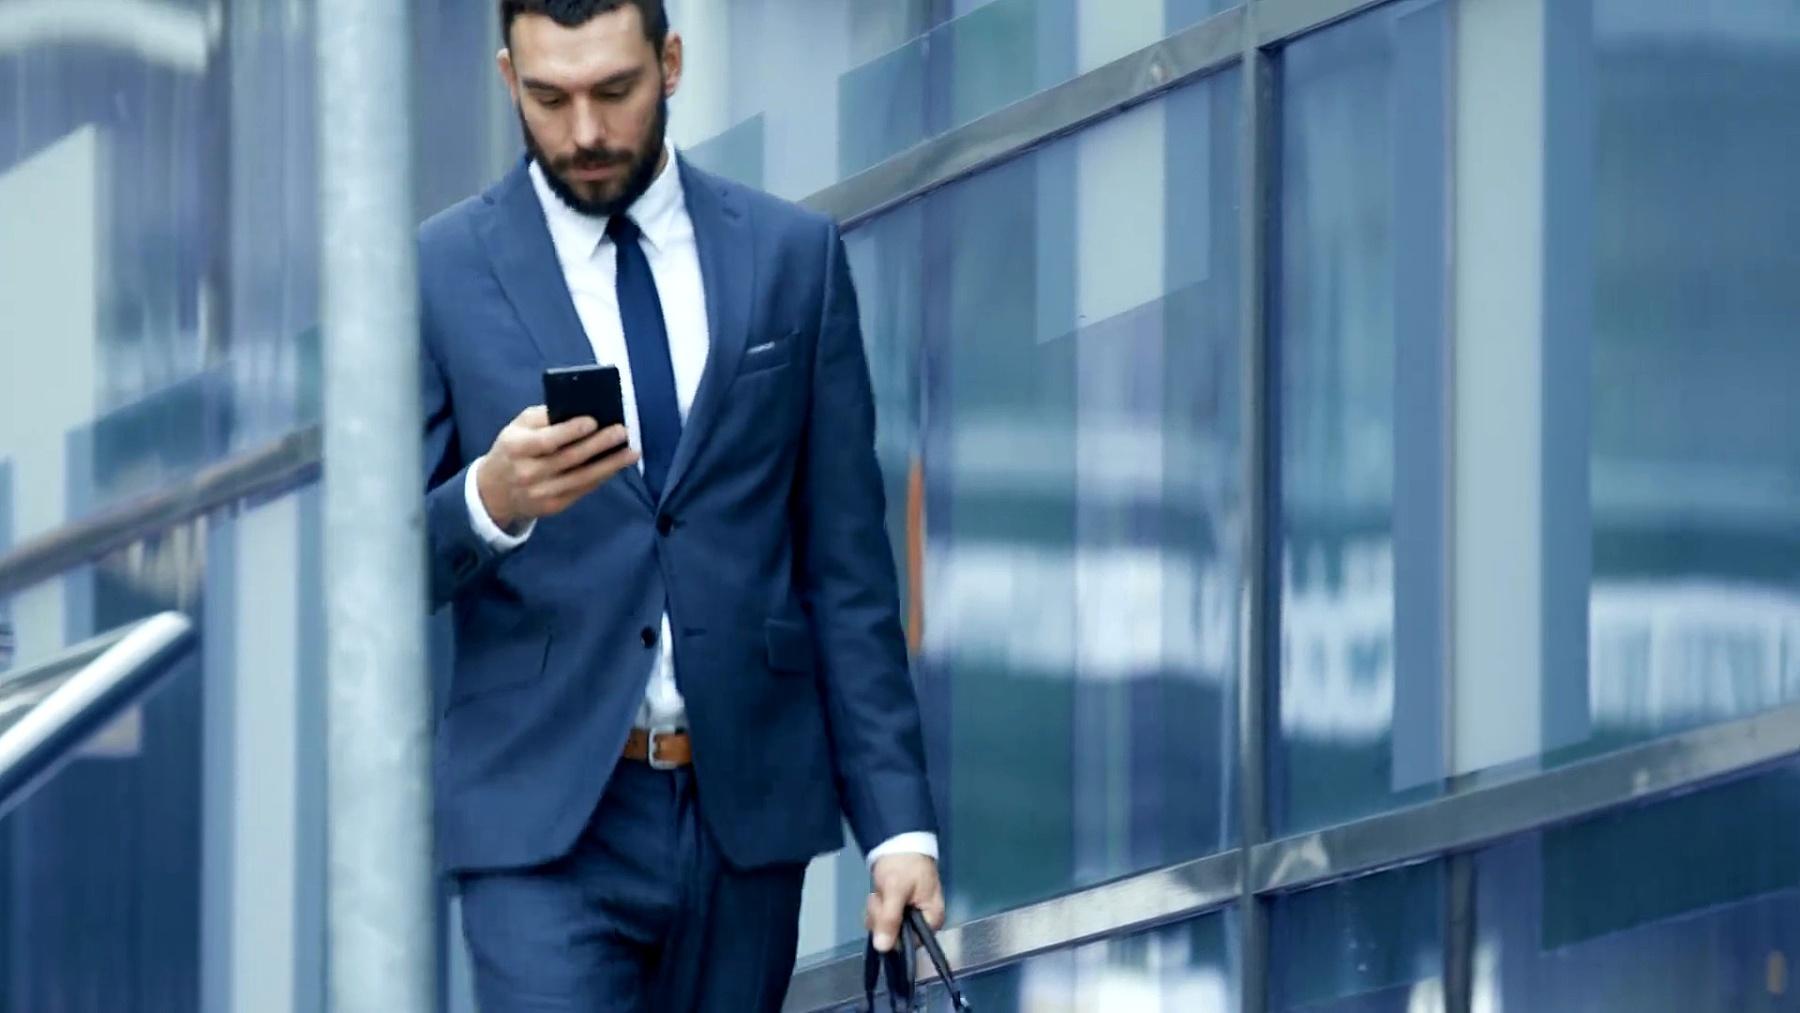 成功的商人在大城市商业区街道上行走时使用智能手机。